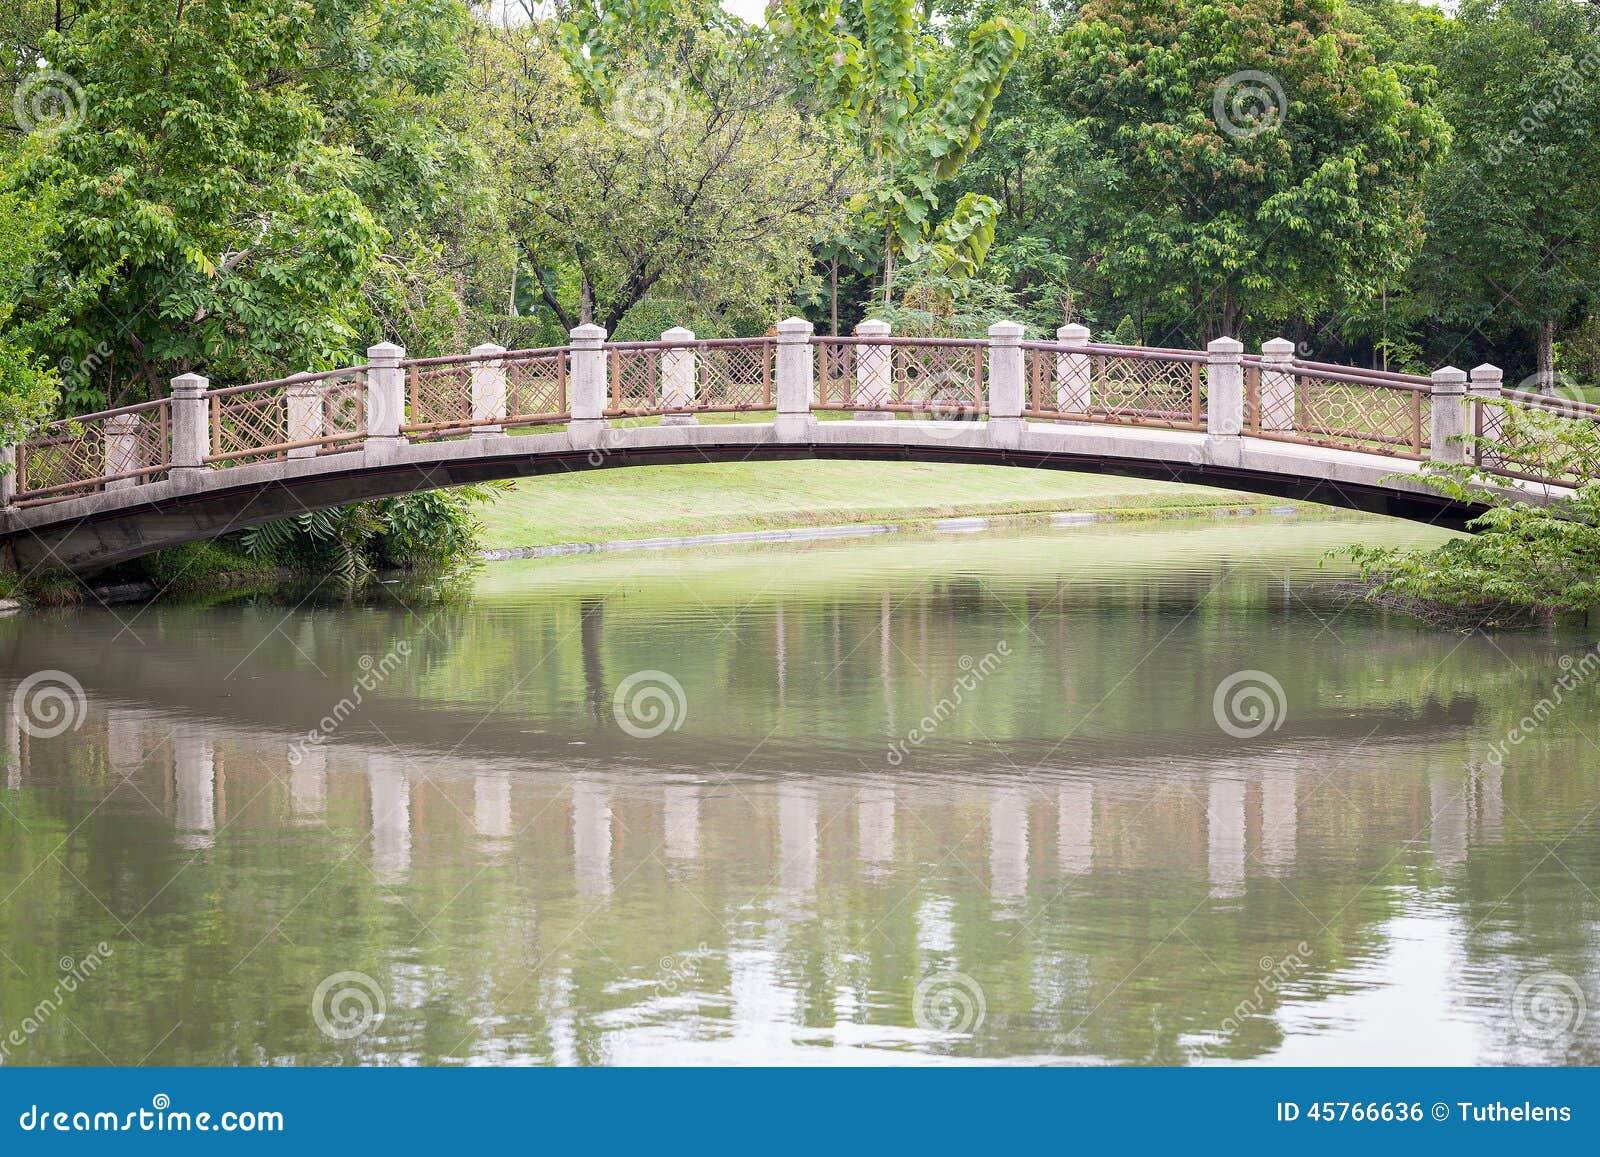 Stone Bridge Stock Photo Image Of Peace Asian Peaceful